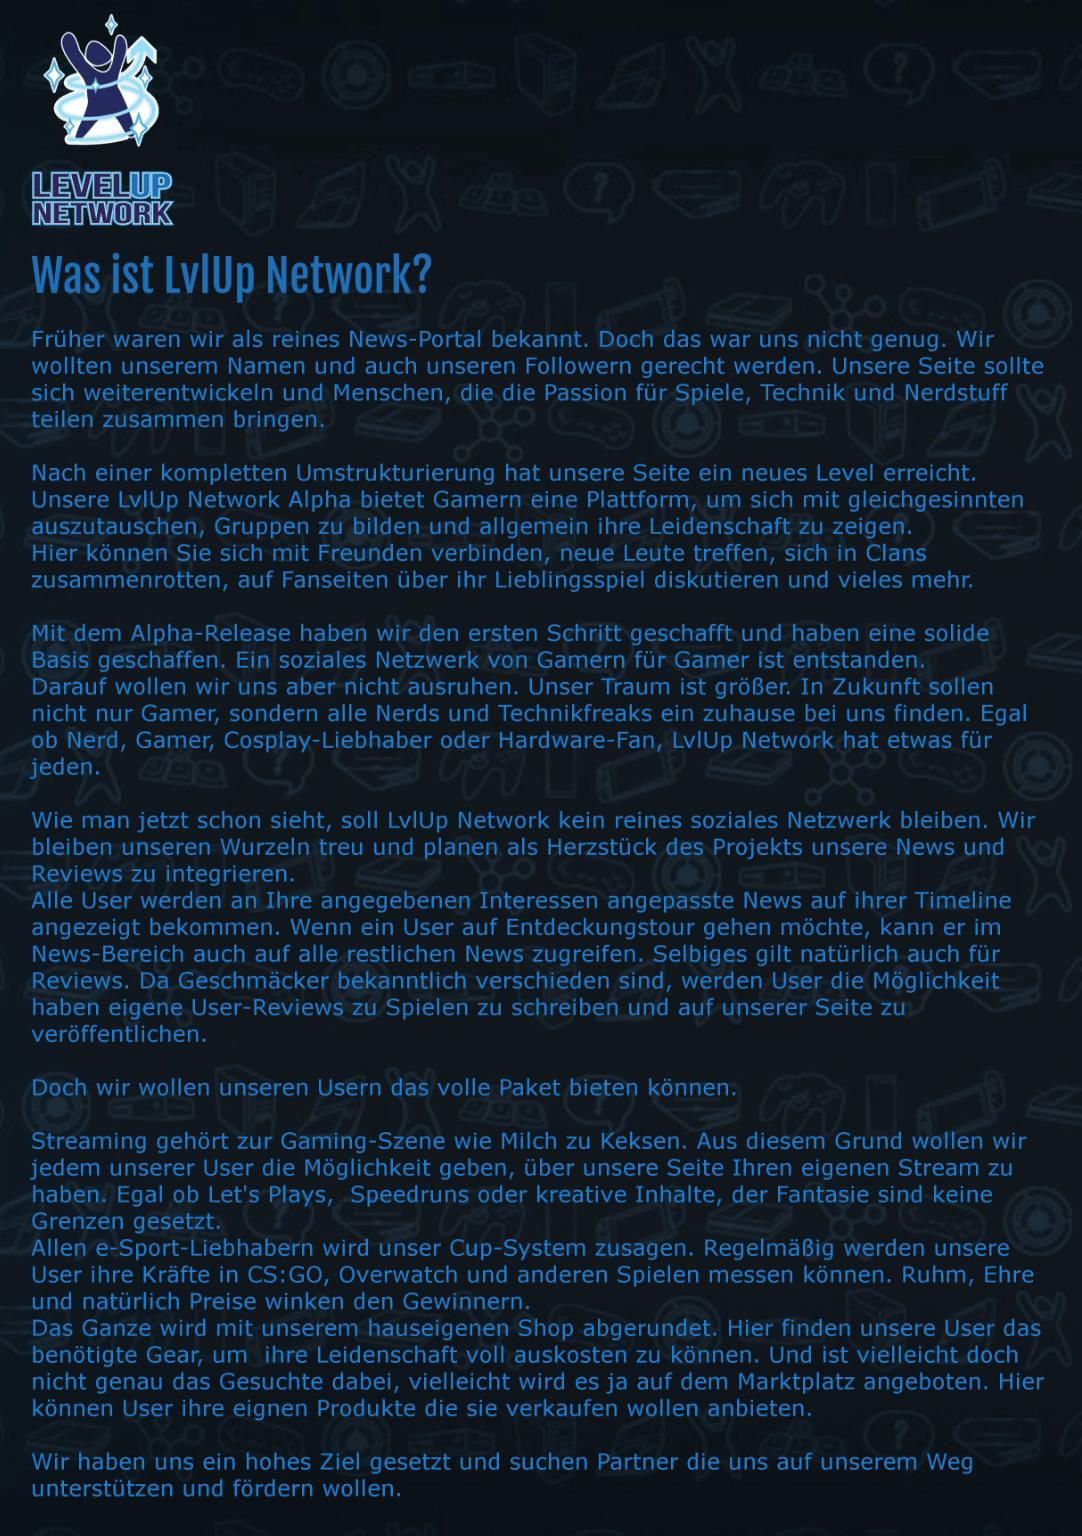 LvLup Network Ein Neues Soziales Netzwerk Für Gamer Und Nerds - Minecraft verstecken spielen server